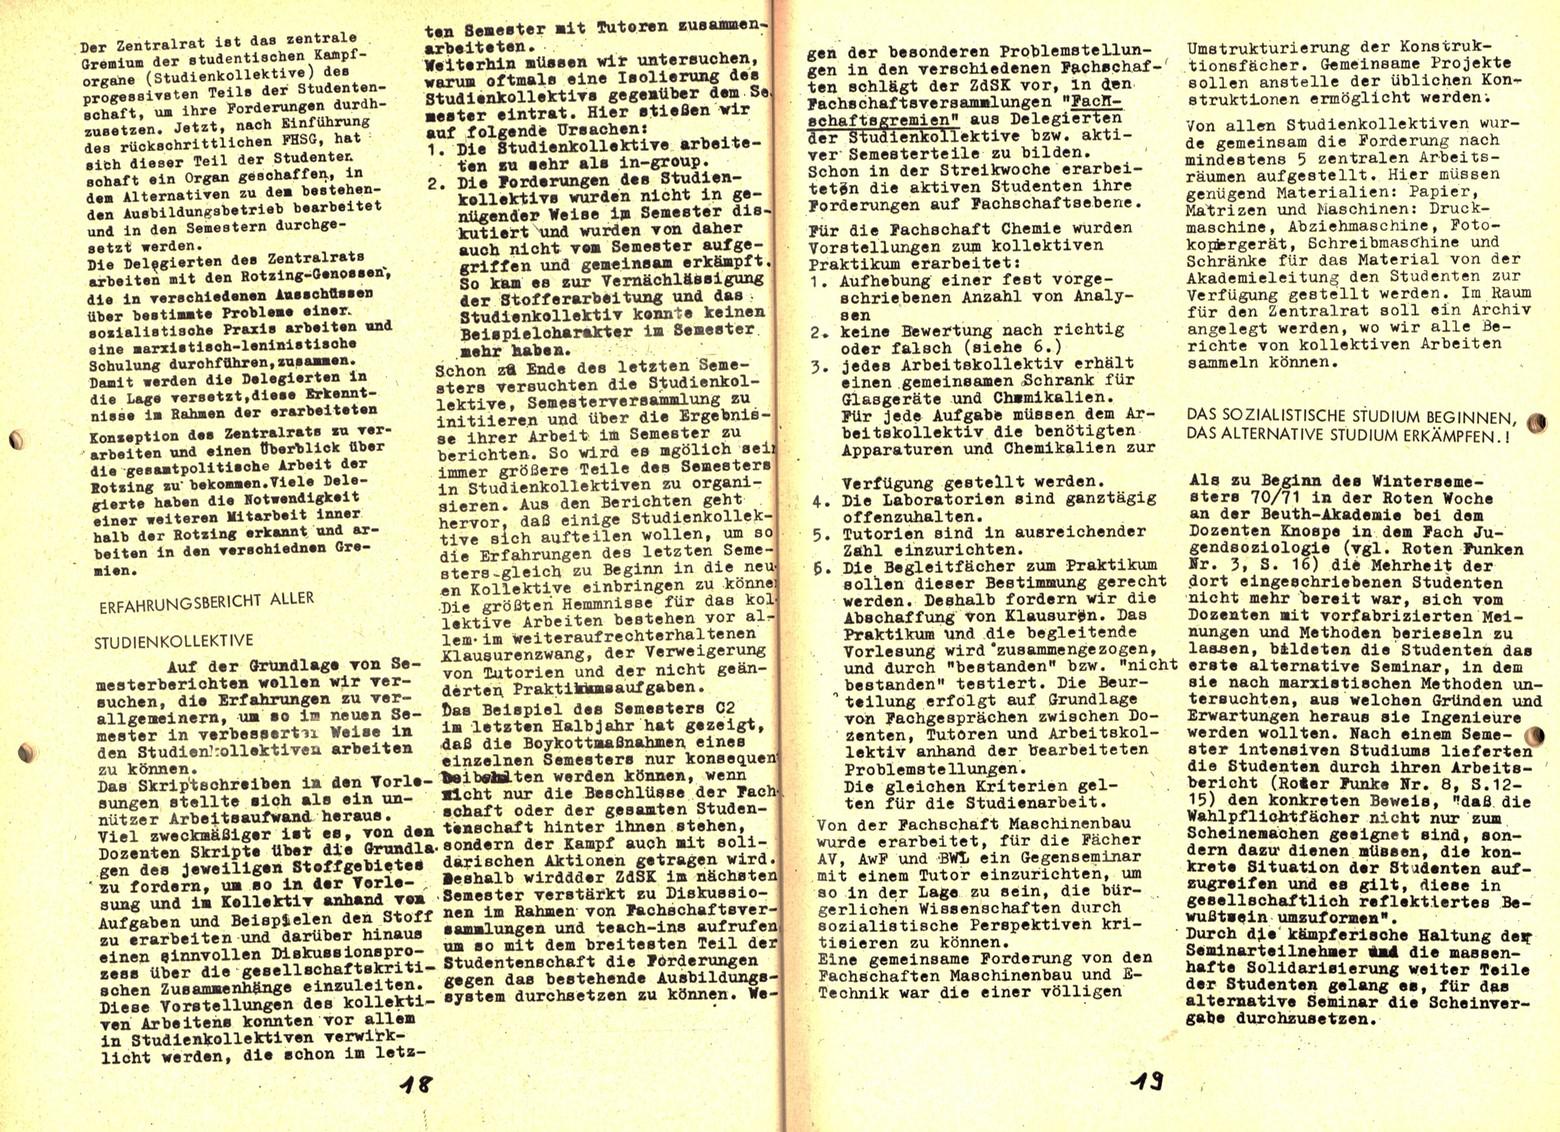 Berlin_Rotzing_1971_Kampfbericht_10